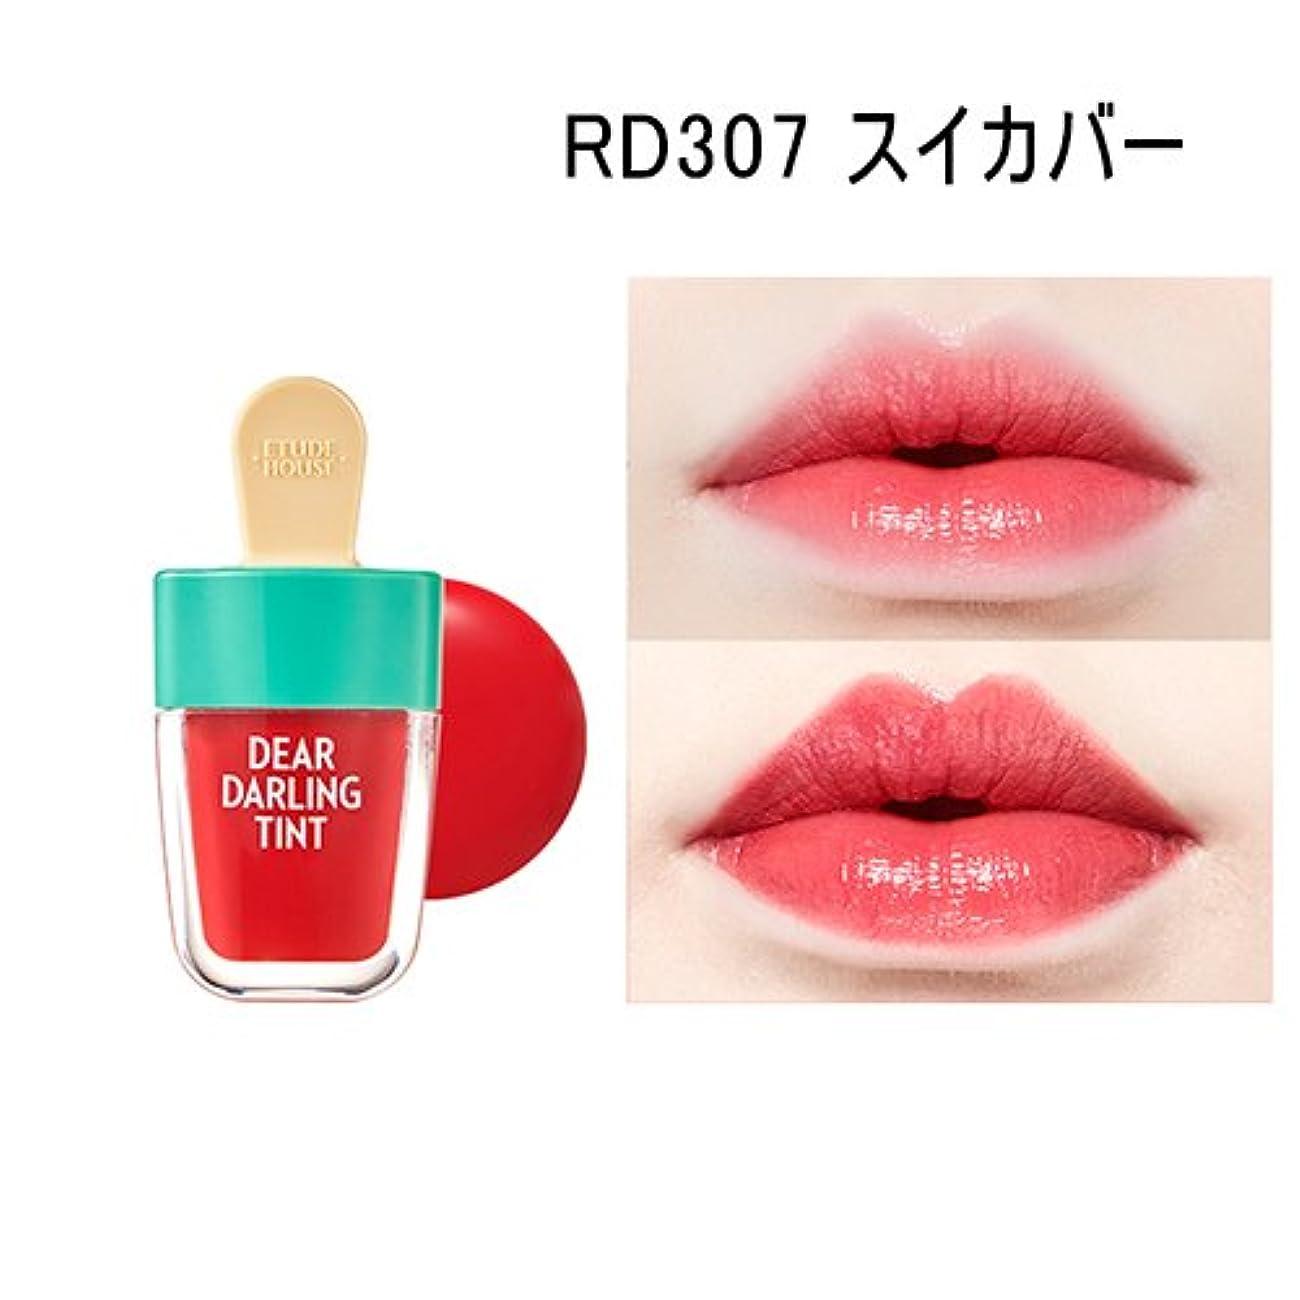 任意素晴らしい良い多くの対話Etude House(エチュードハウス) [夏限定]ディアー ダーリン ウォータージェル ティント/Dear Darling Water Gel Tint(4.5g) (RD307(スイカレッド)) [並行輸入品]